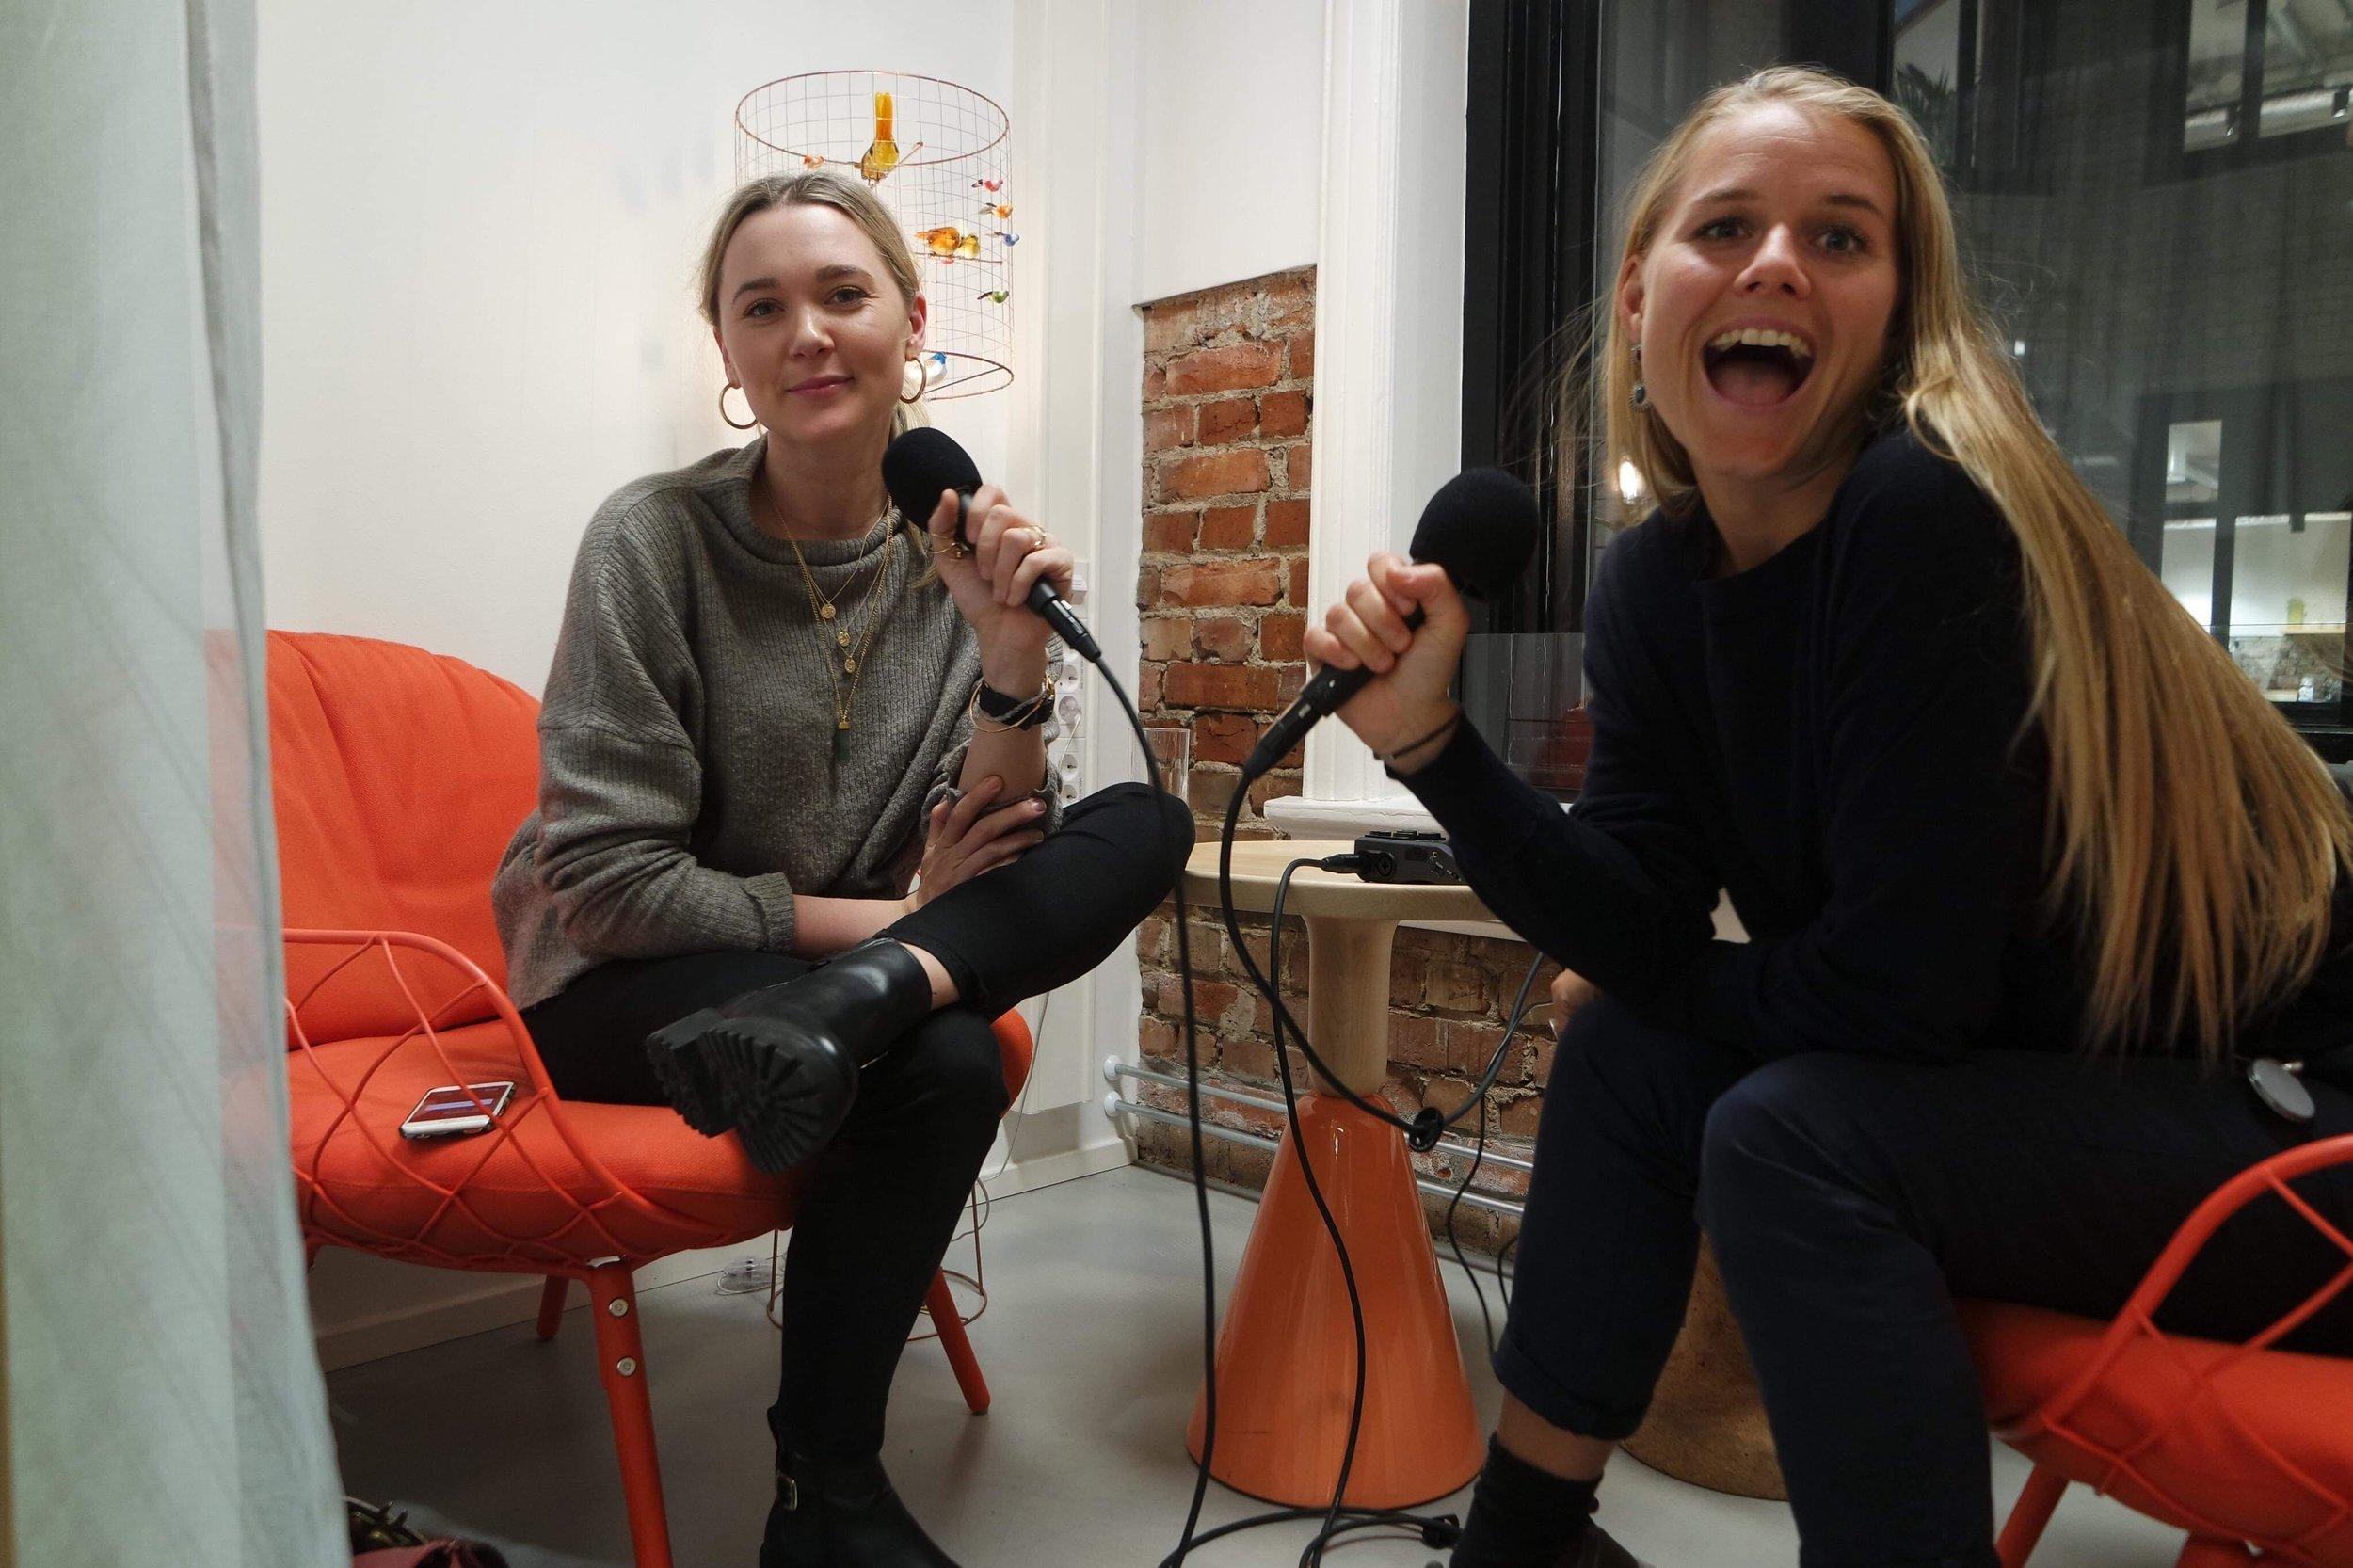 Ingridbergtun.yrjaoftedahl.powerladiespodcast